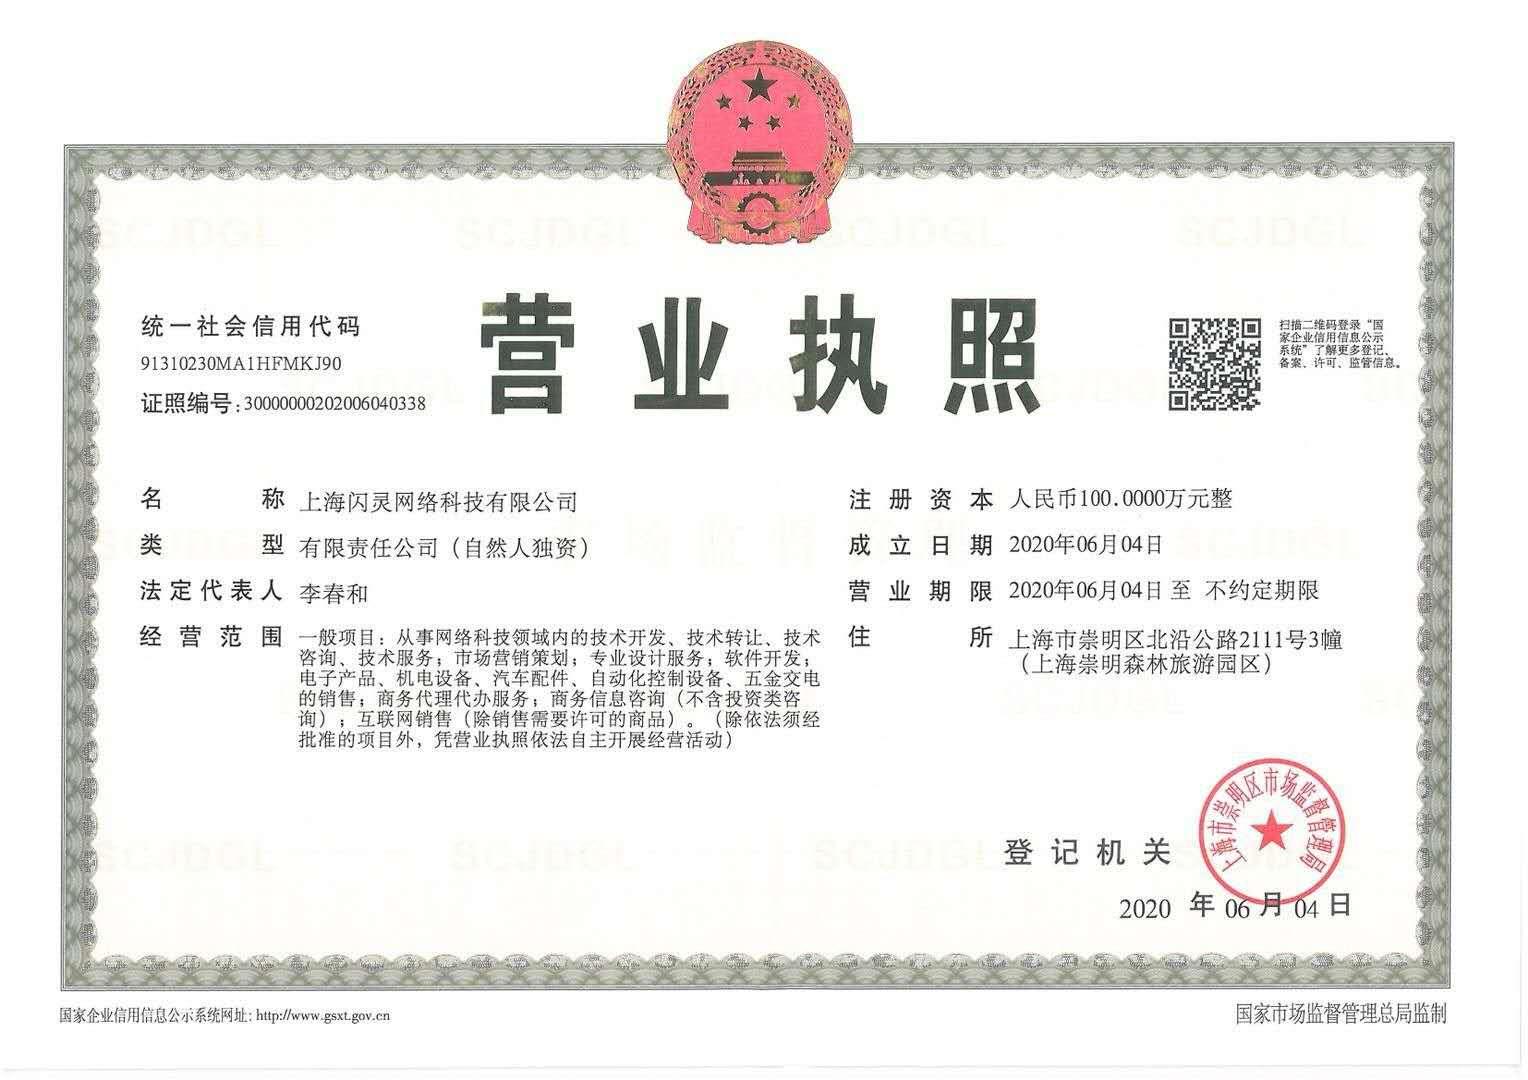 上海闪灵平台一家合格的自媒体供应商新老用户推荐